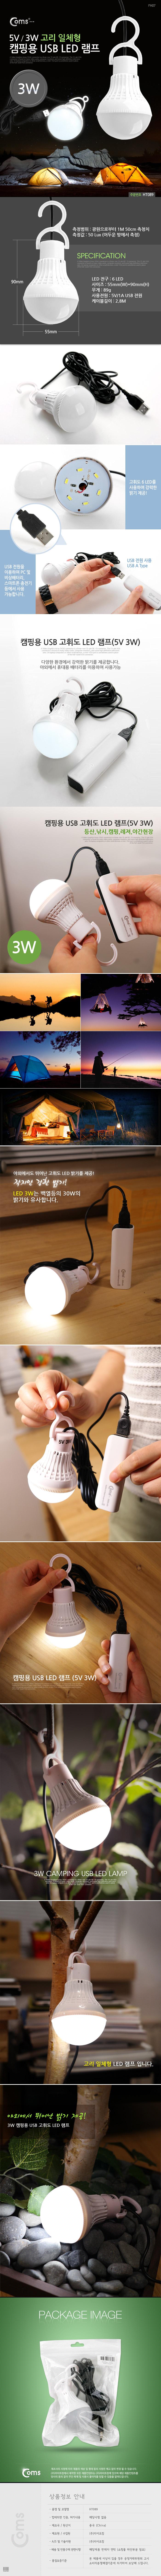 유캠프 USB LED(3W) 캠핑랜턴 USB랜턴 전구 USB등